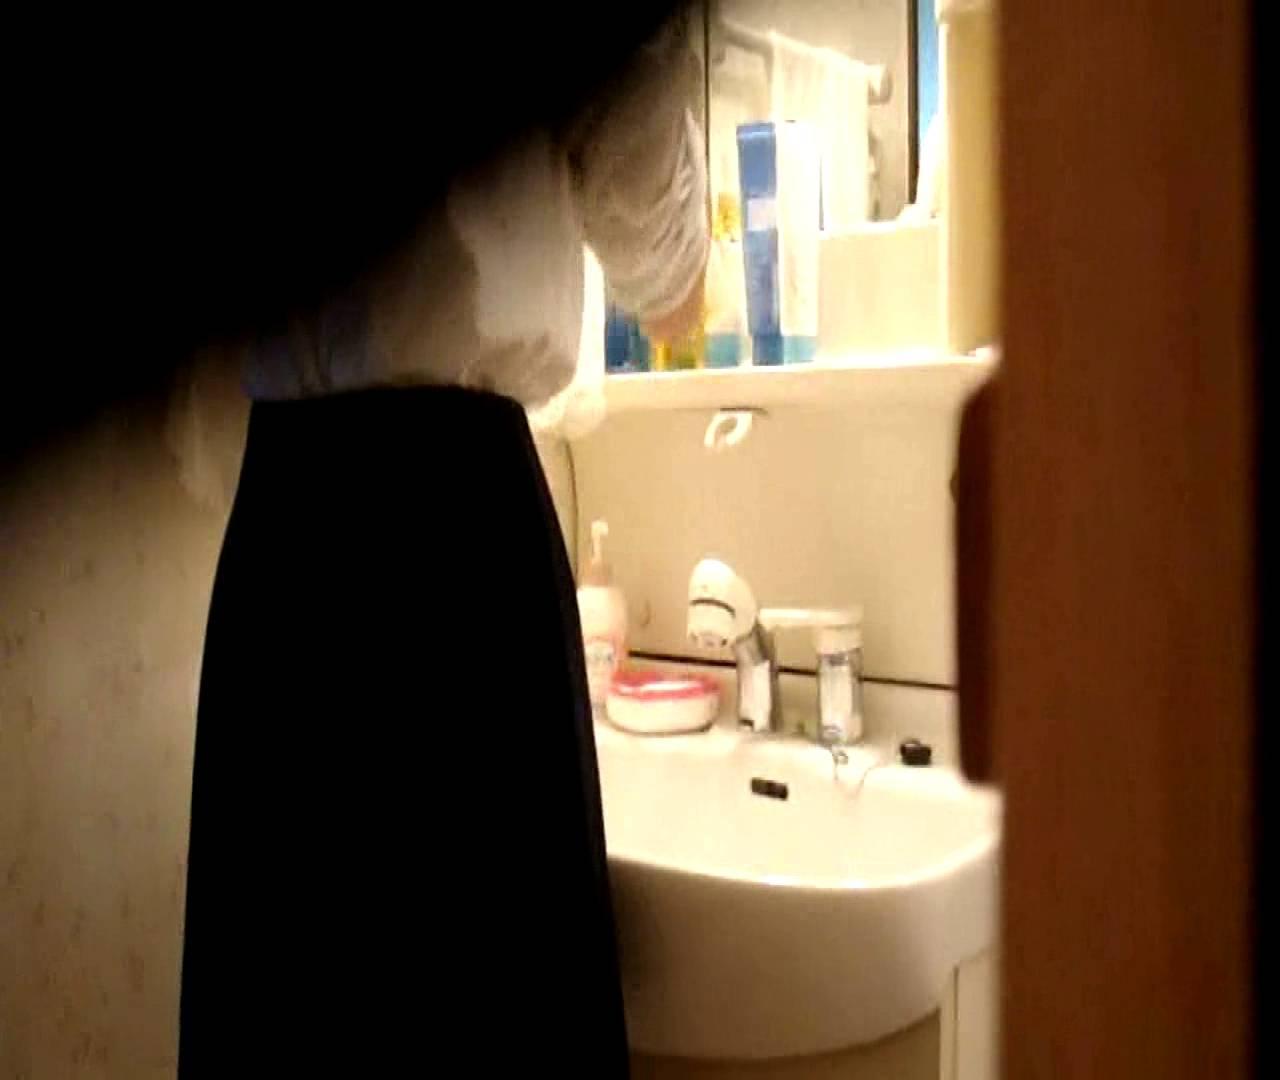 二人とも育てた甲斐がありました… vol.05 まどかが洗顔後にブラを洗濯 美しいOLの裸体  102pic 60